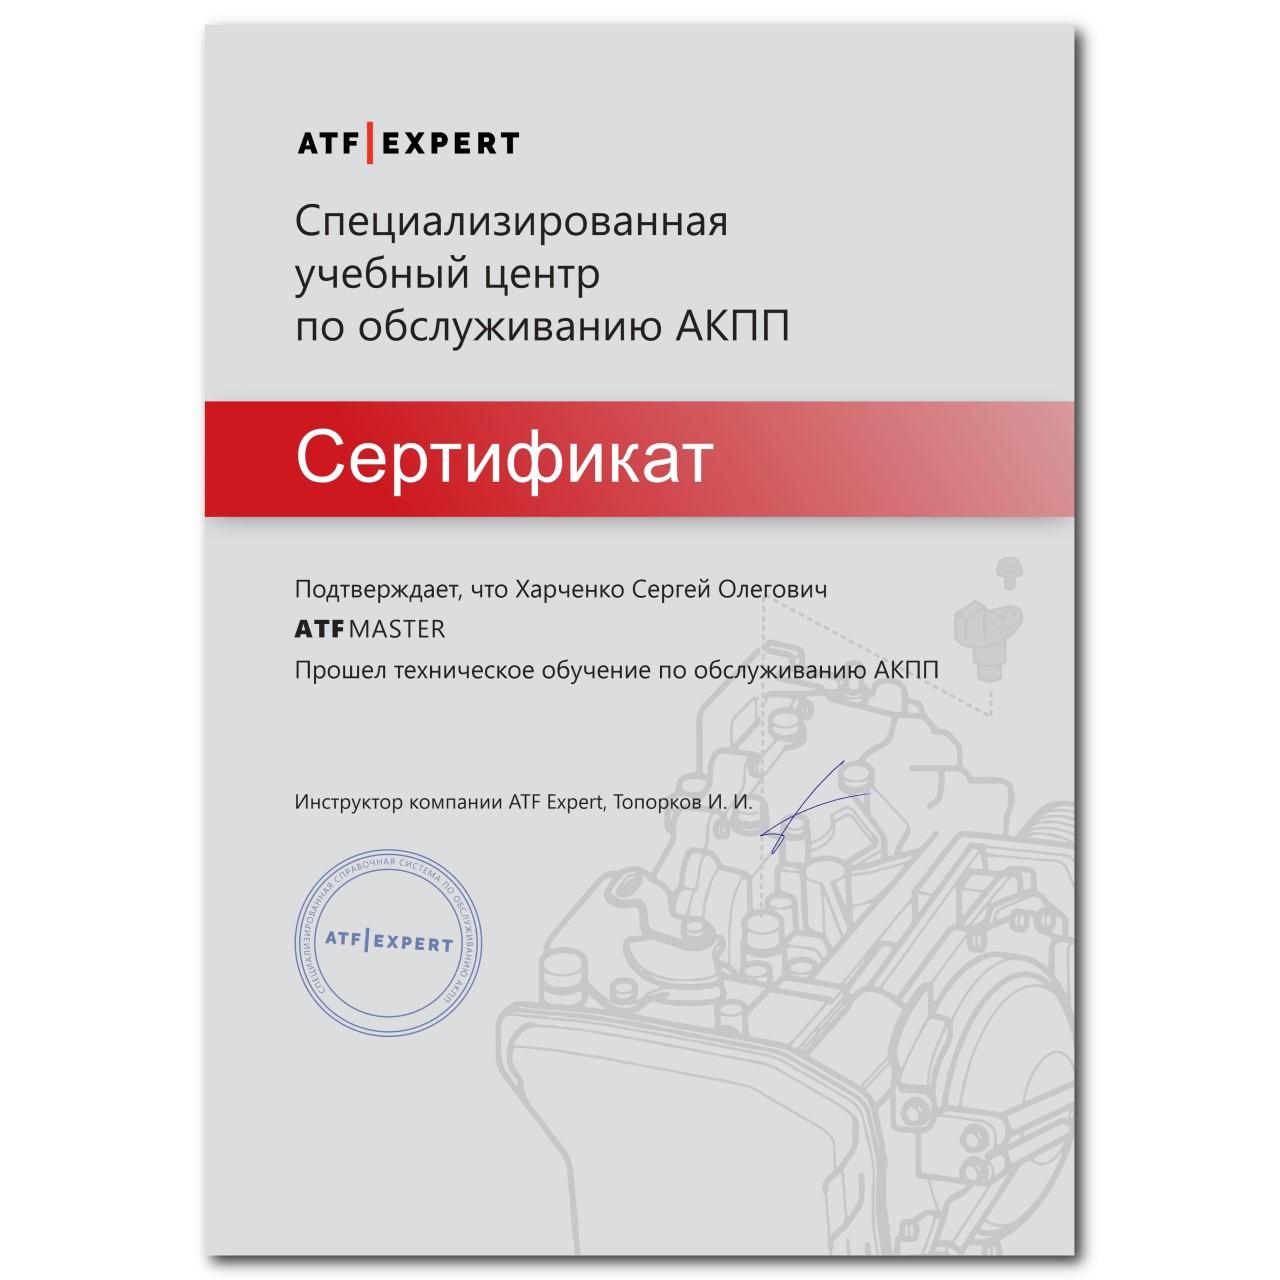 Самара_Сертификат_1st_m